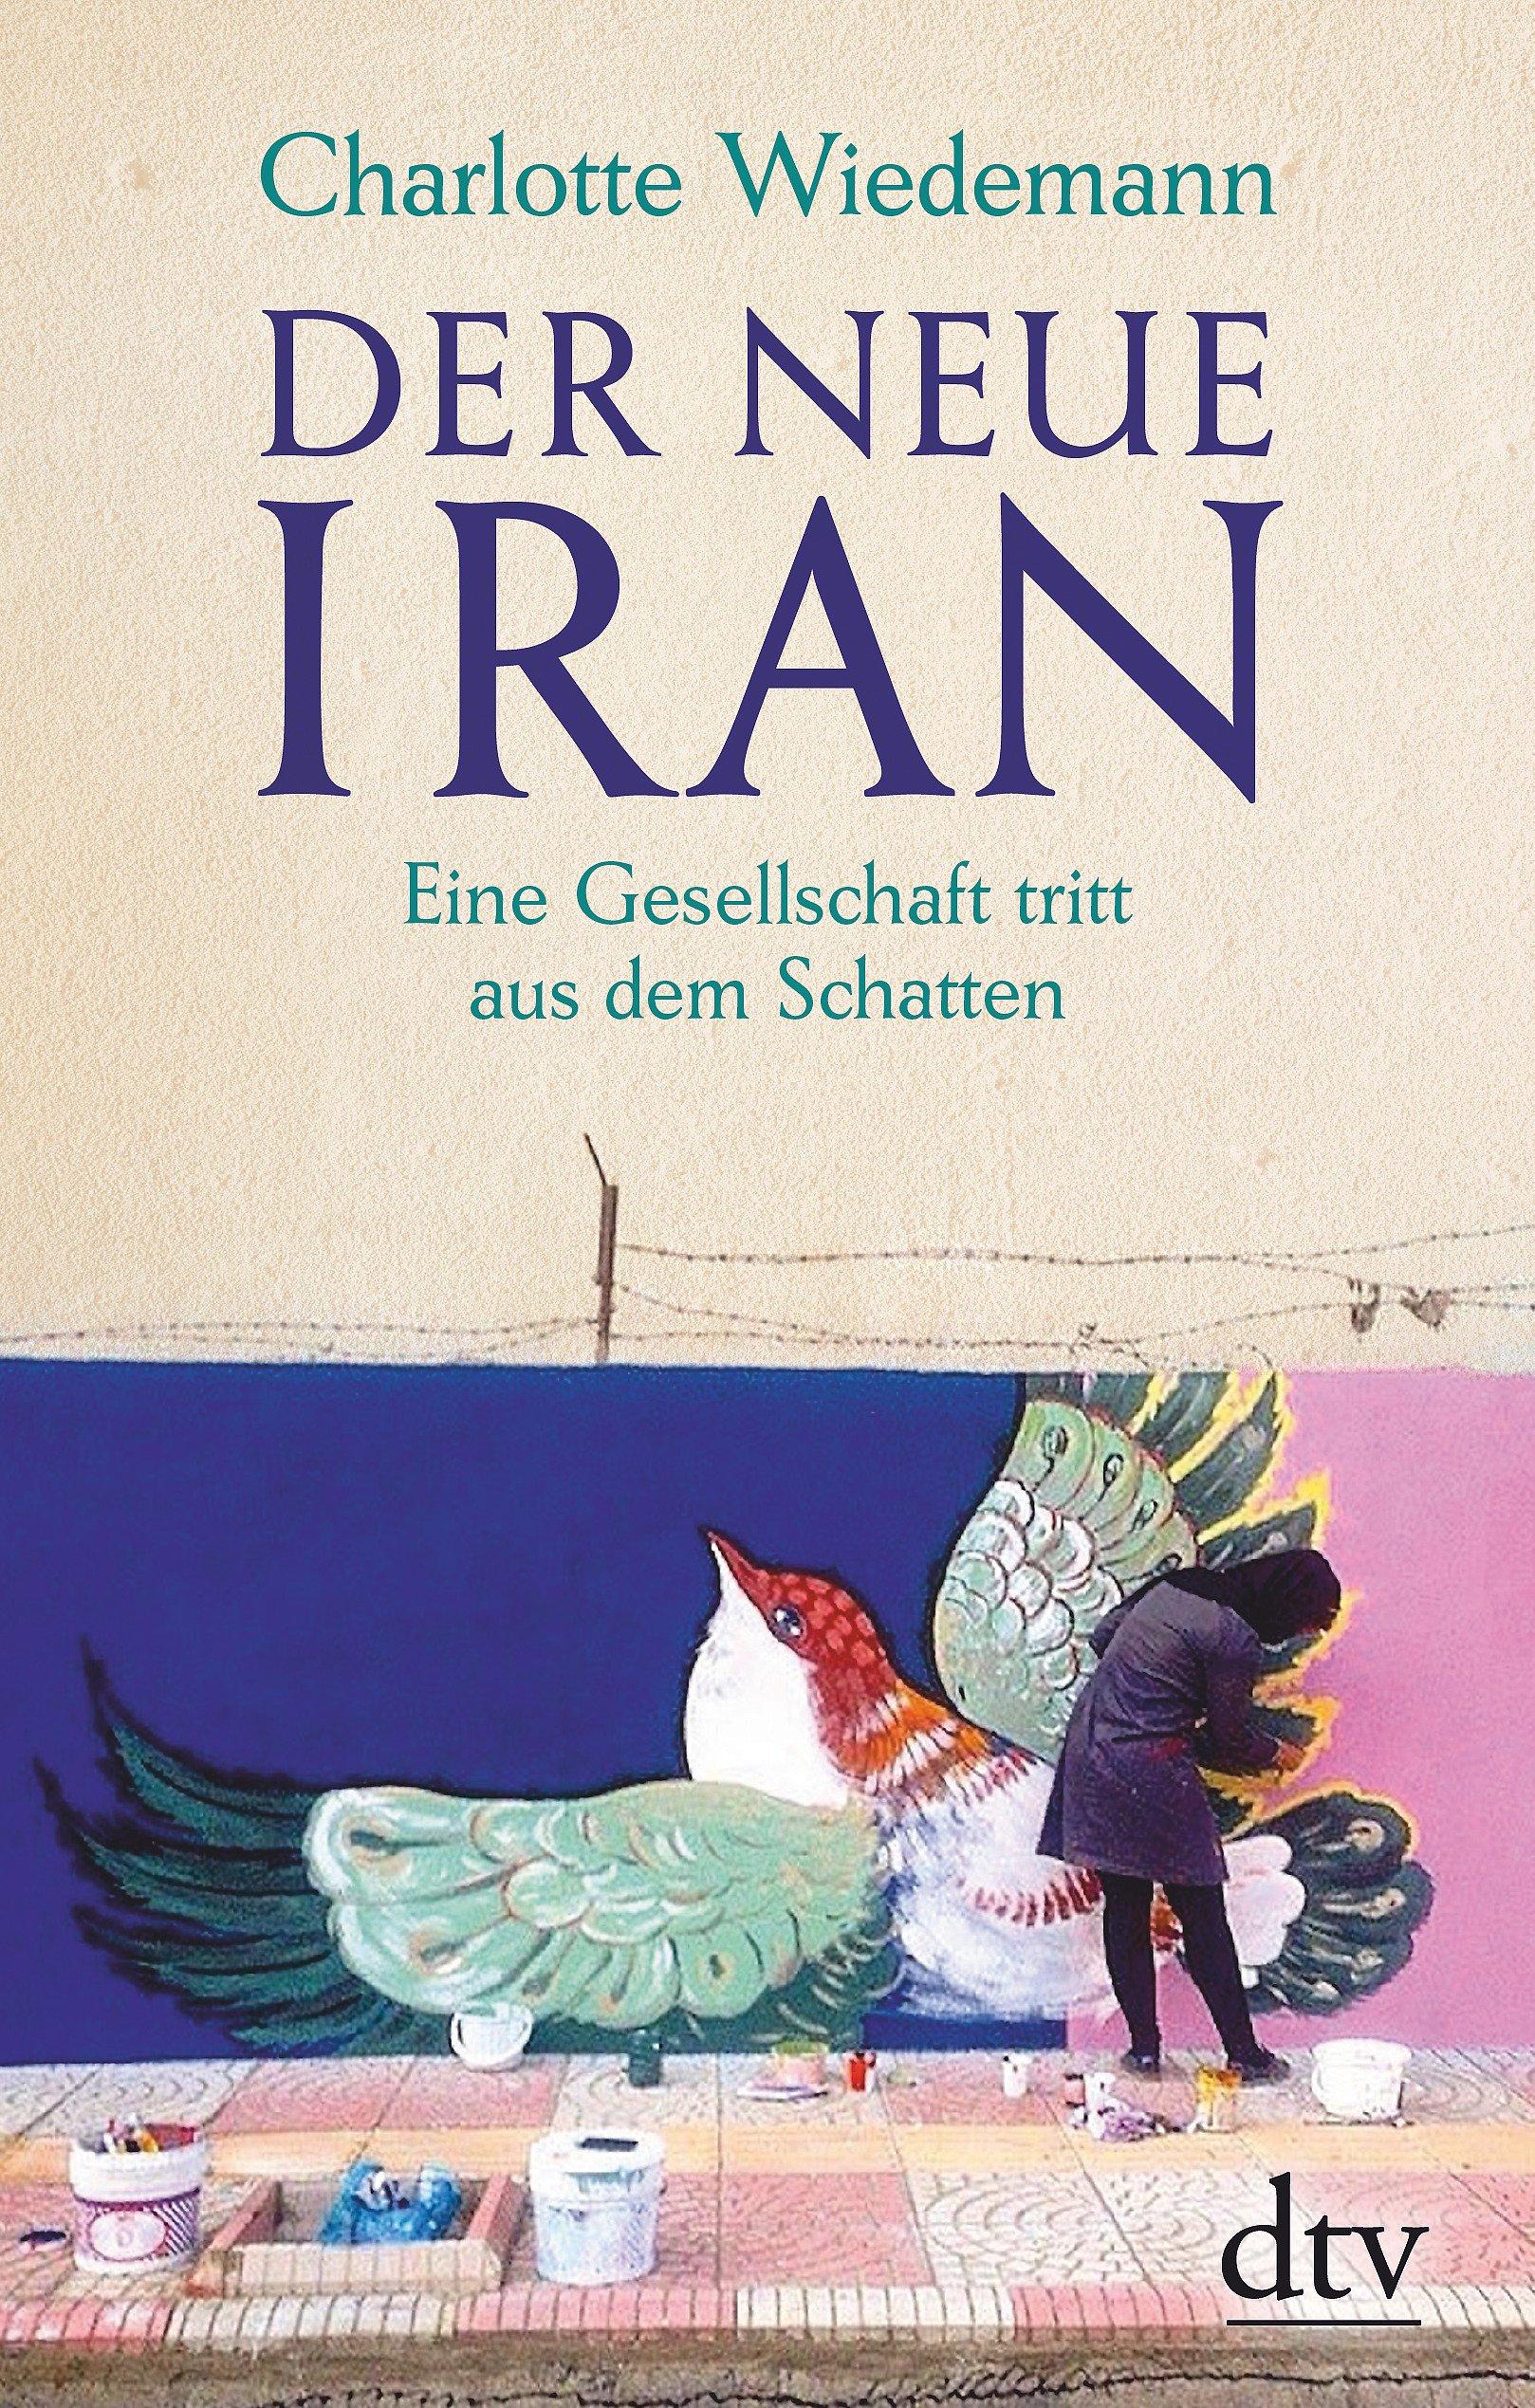 Der neue Iran: Eine Gesellschaft tritt aus dem Schatten Gebundenes Buch – 10. März 2017 Charlotte Wiedemann dtv Verlagsgesellschaft 3423281243 1980 bis 1989 n. Chr.